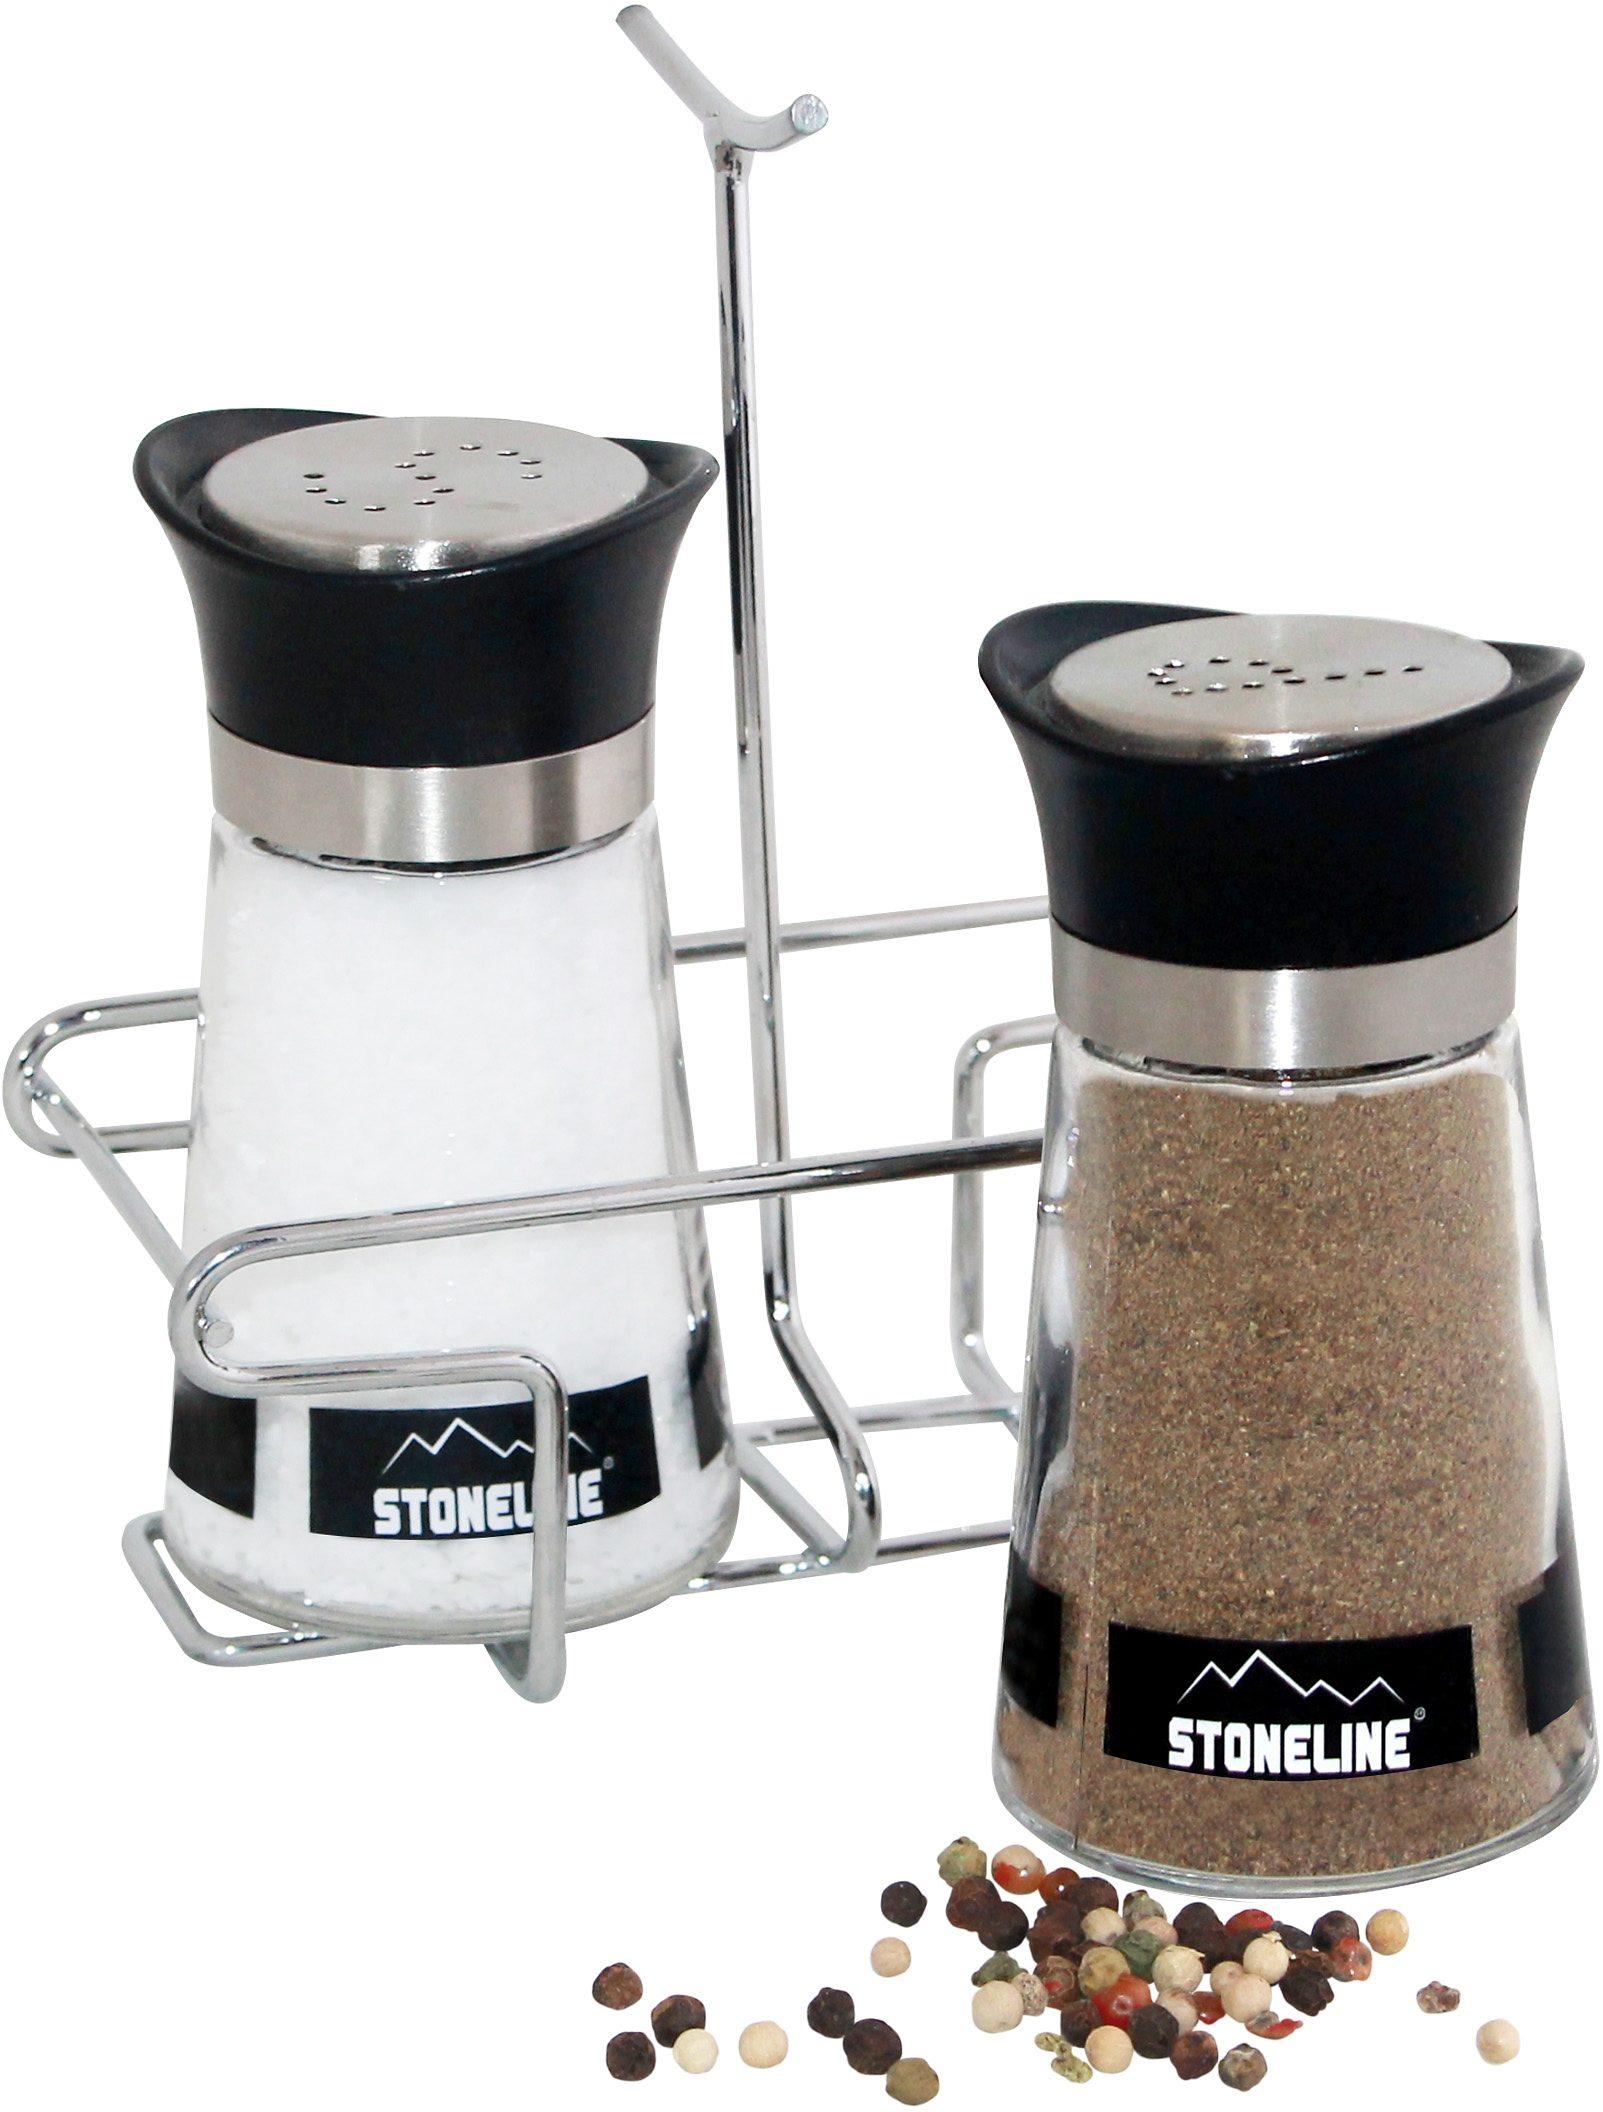 STONELINE® Salz- und Pfefferstreuer-Set